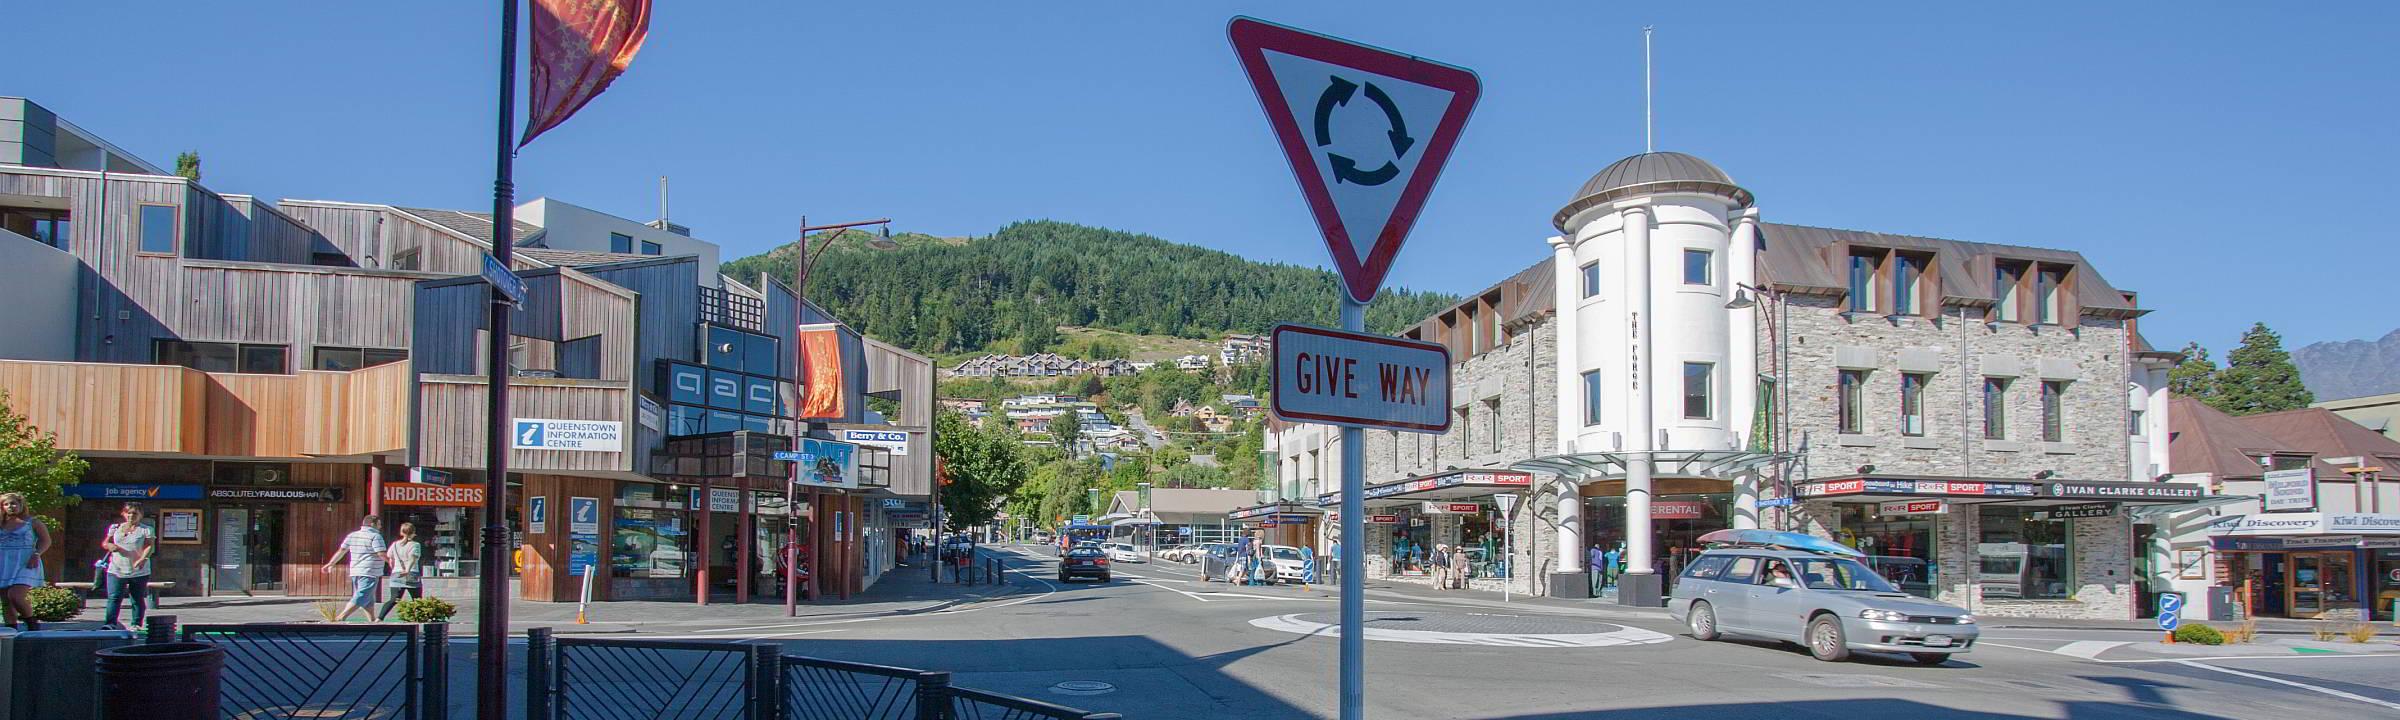 Immer im Kreis herum – Roundabouts in New Zealand